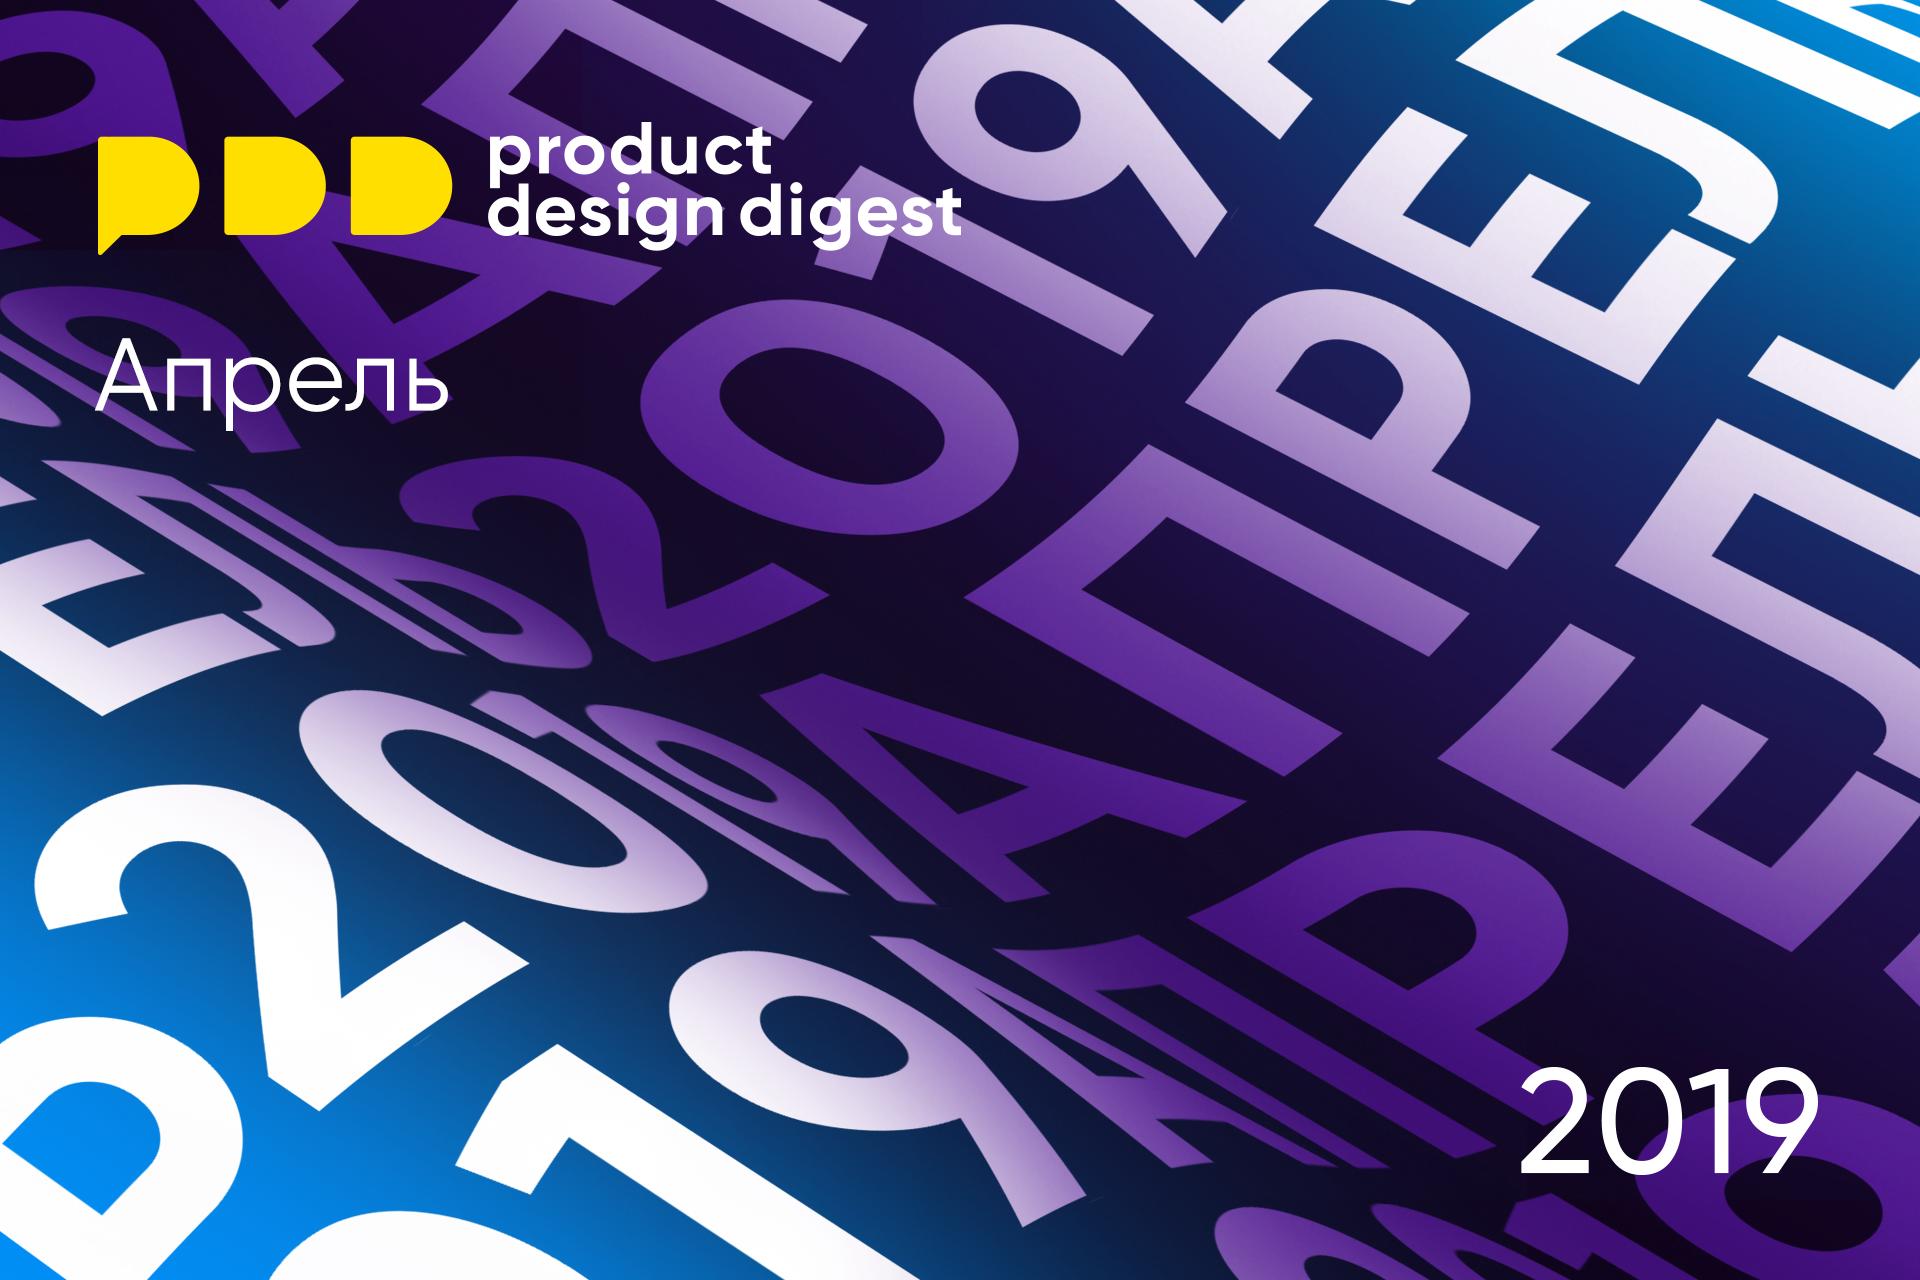 Дайджест продуктового дизайна, апрель 2019